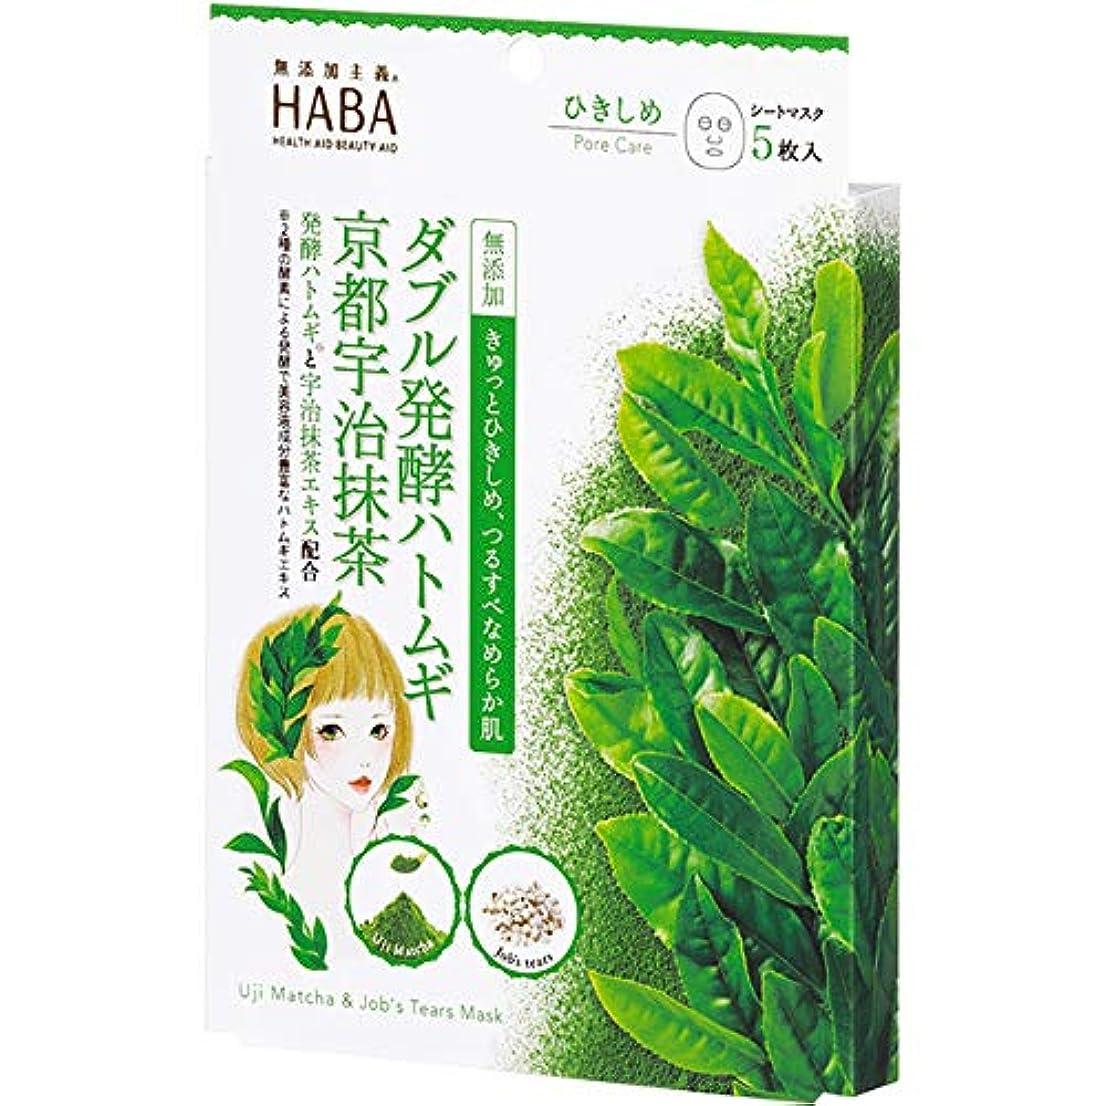 アクティビティプランテーションエントリハーバー 発酵ハトムギ宇治抹茶マスク 5包